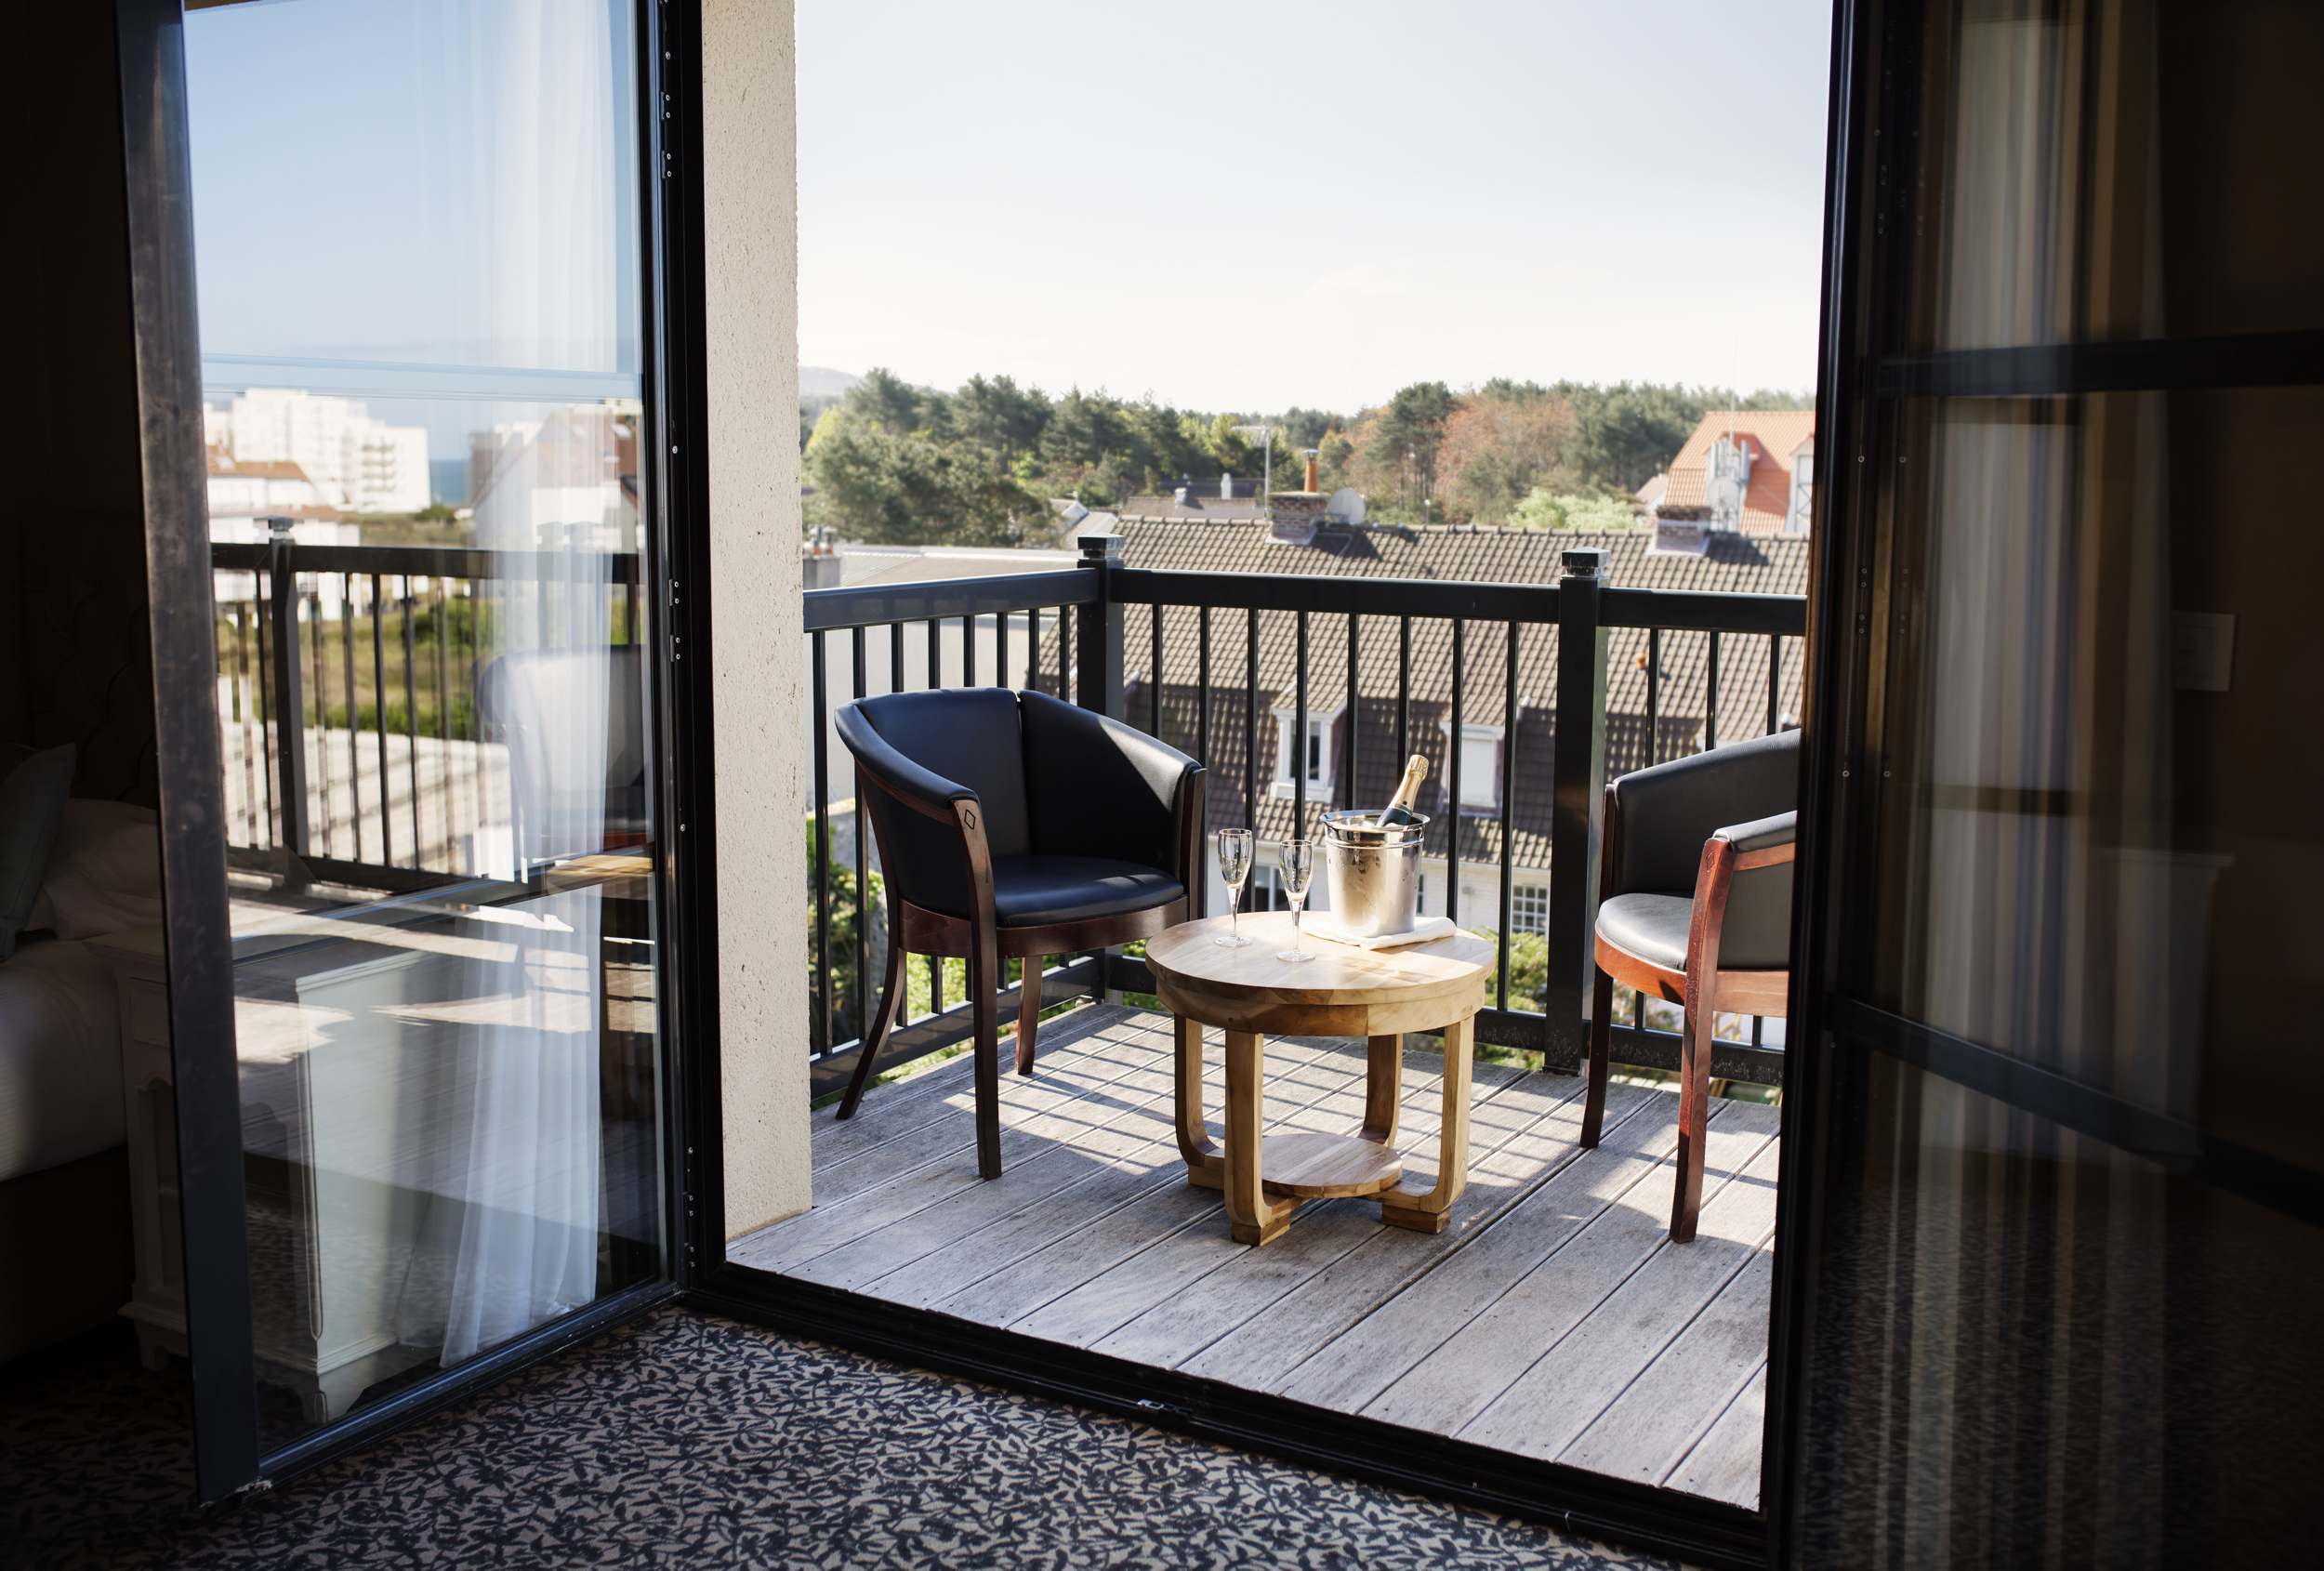 The Triple Balcony - Hotel Les Jardins D'hardelot - Côte D'opale à Jardin Hardelot